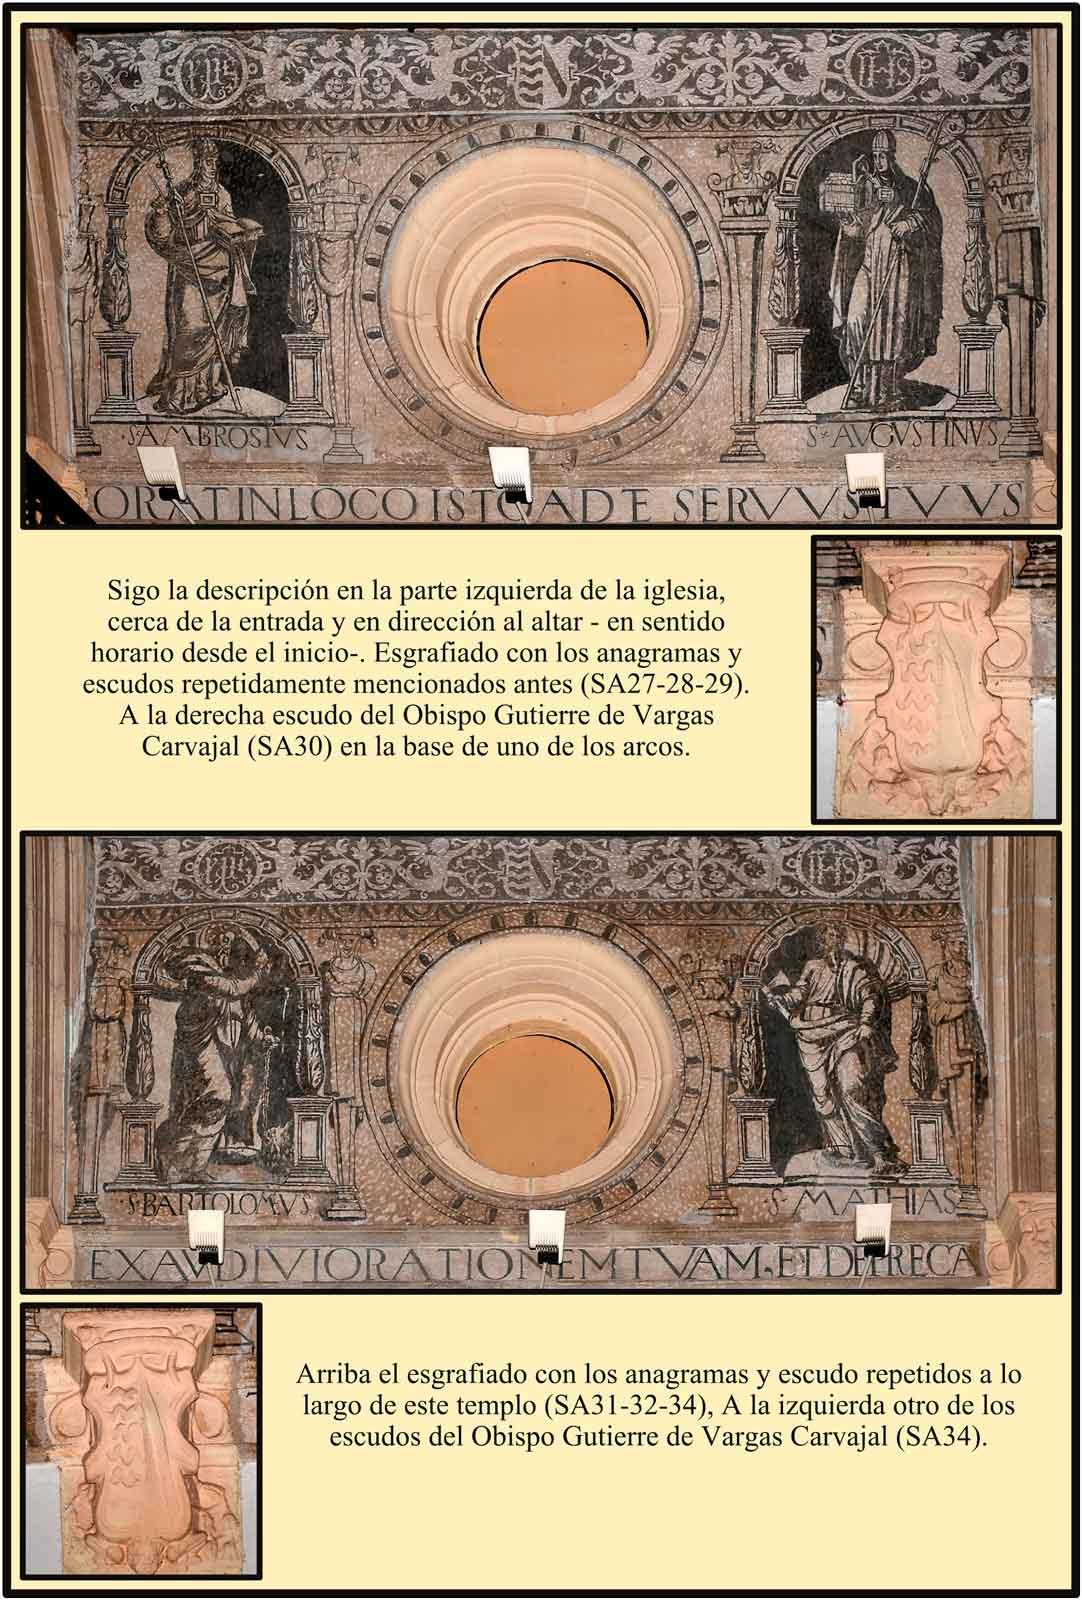 Plasencia Escudos y anagramas en esgrafiados y base de los arcos del techo. Anta Ana